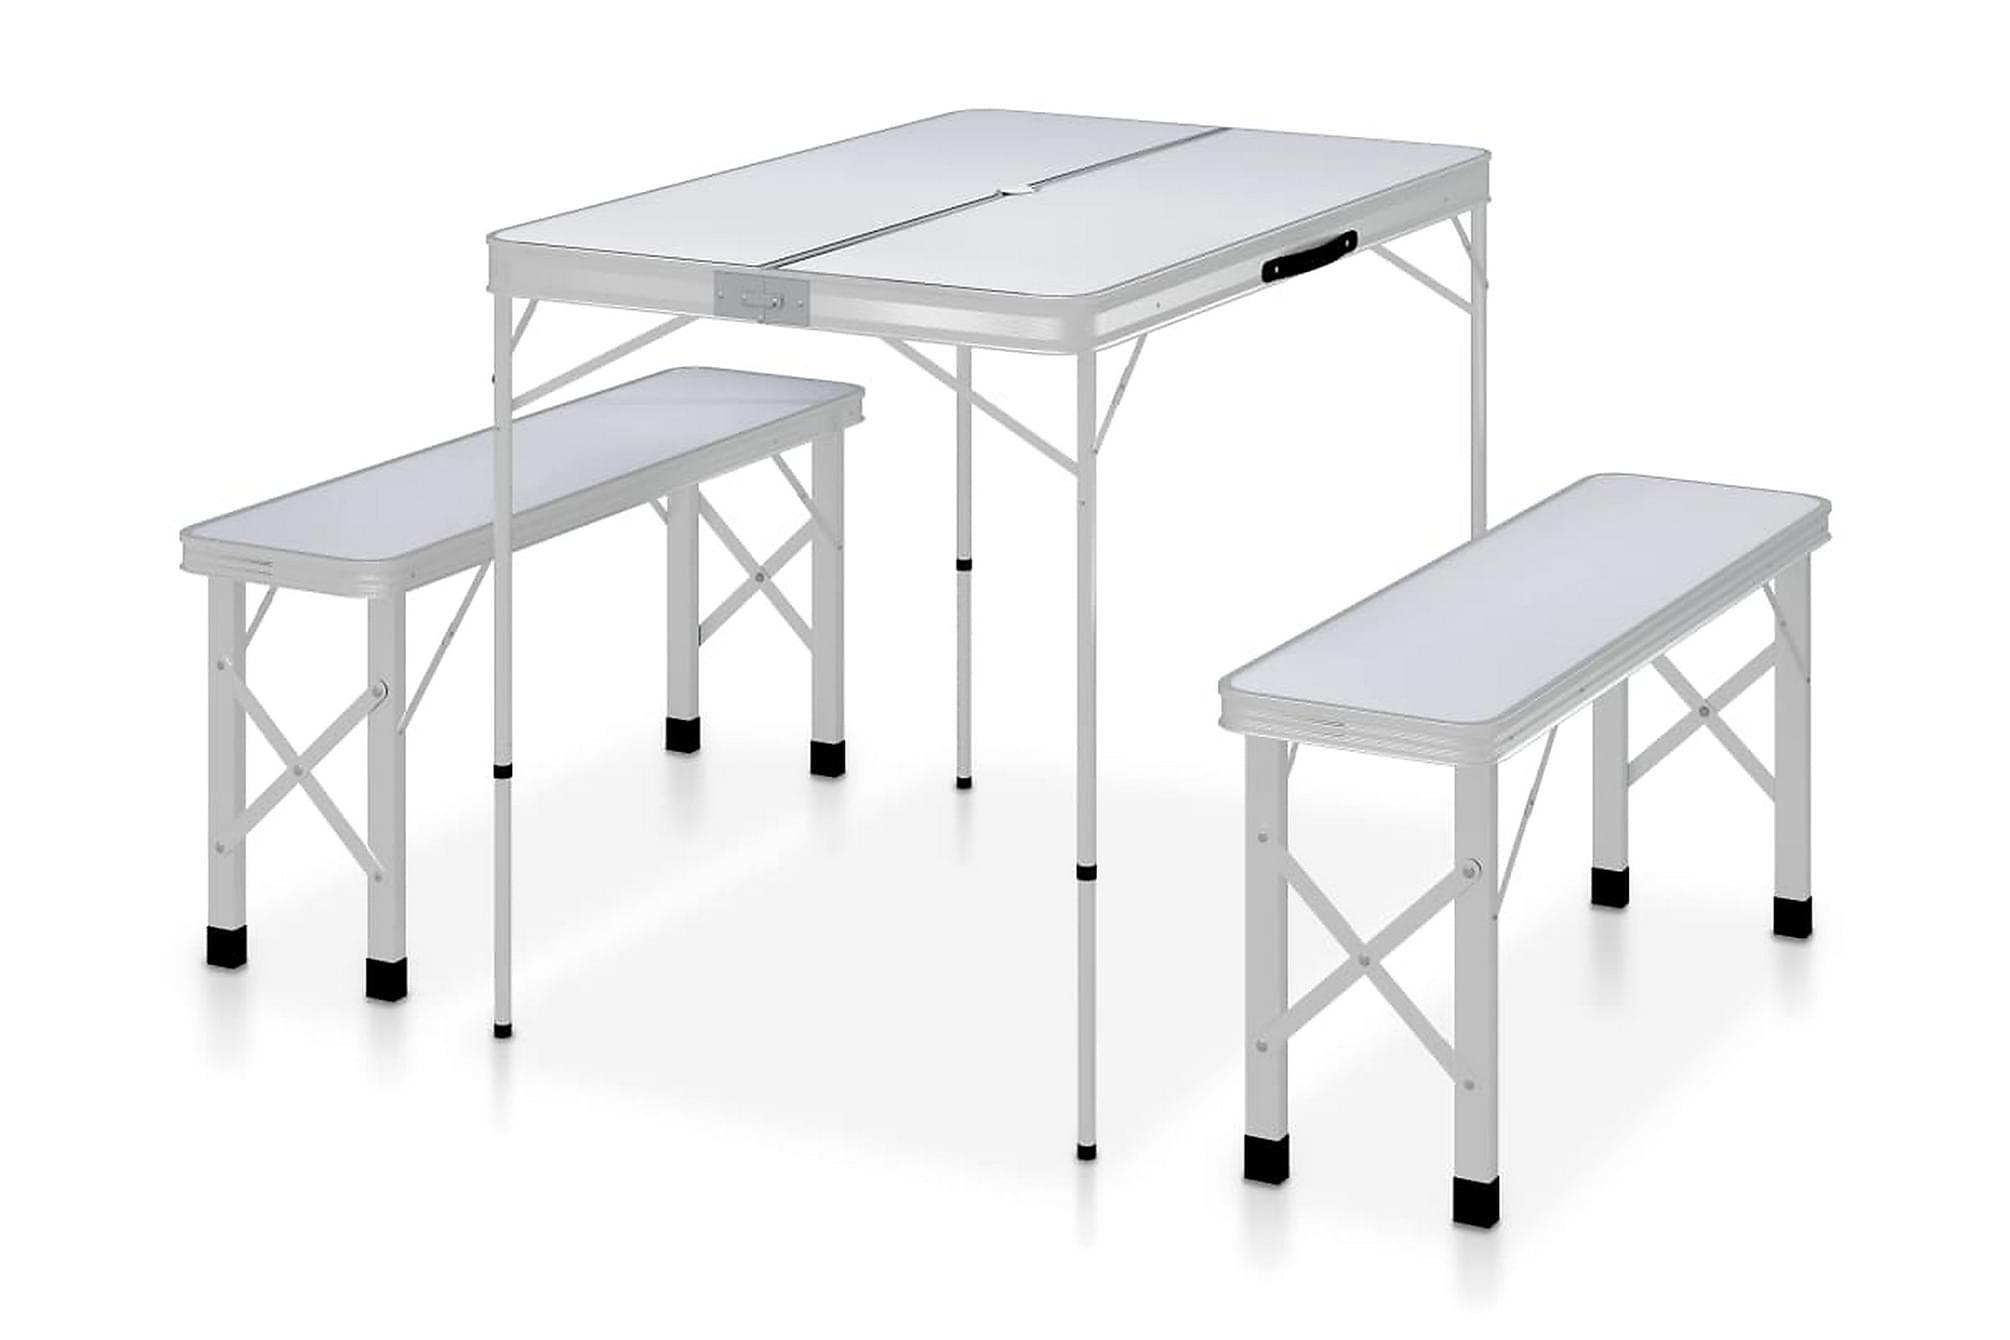 Hopfällbart campingbord med 2 bänkar aluminium vit, Campingstol